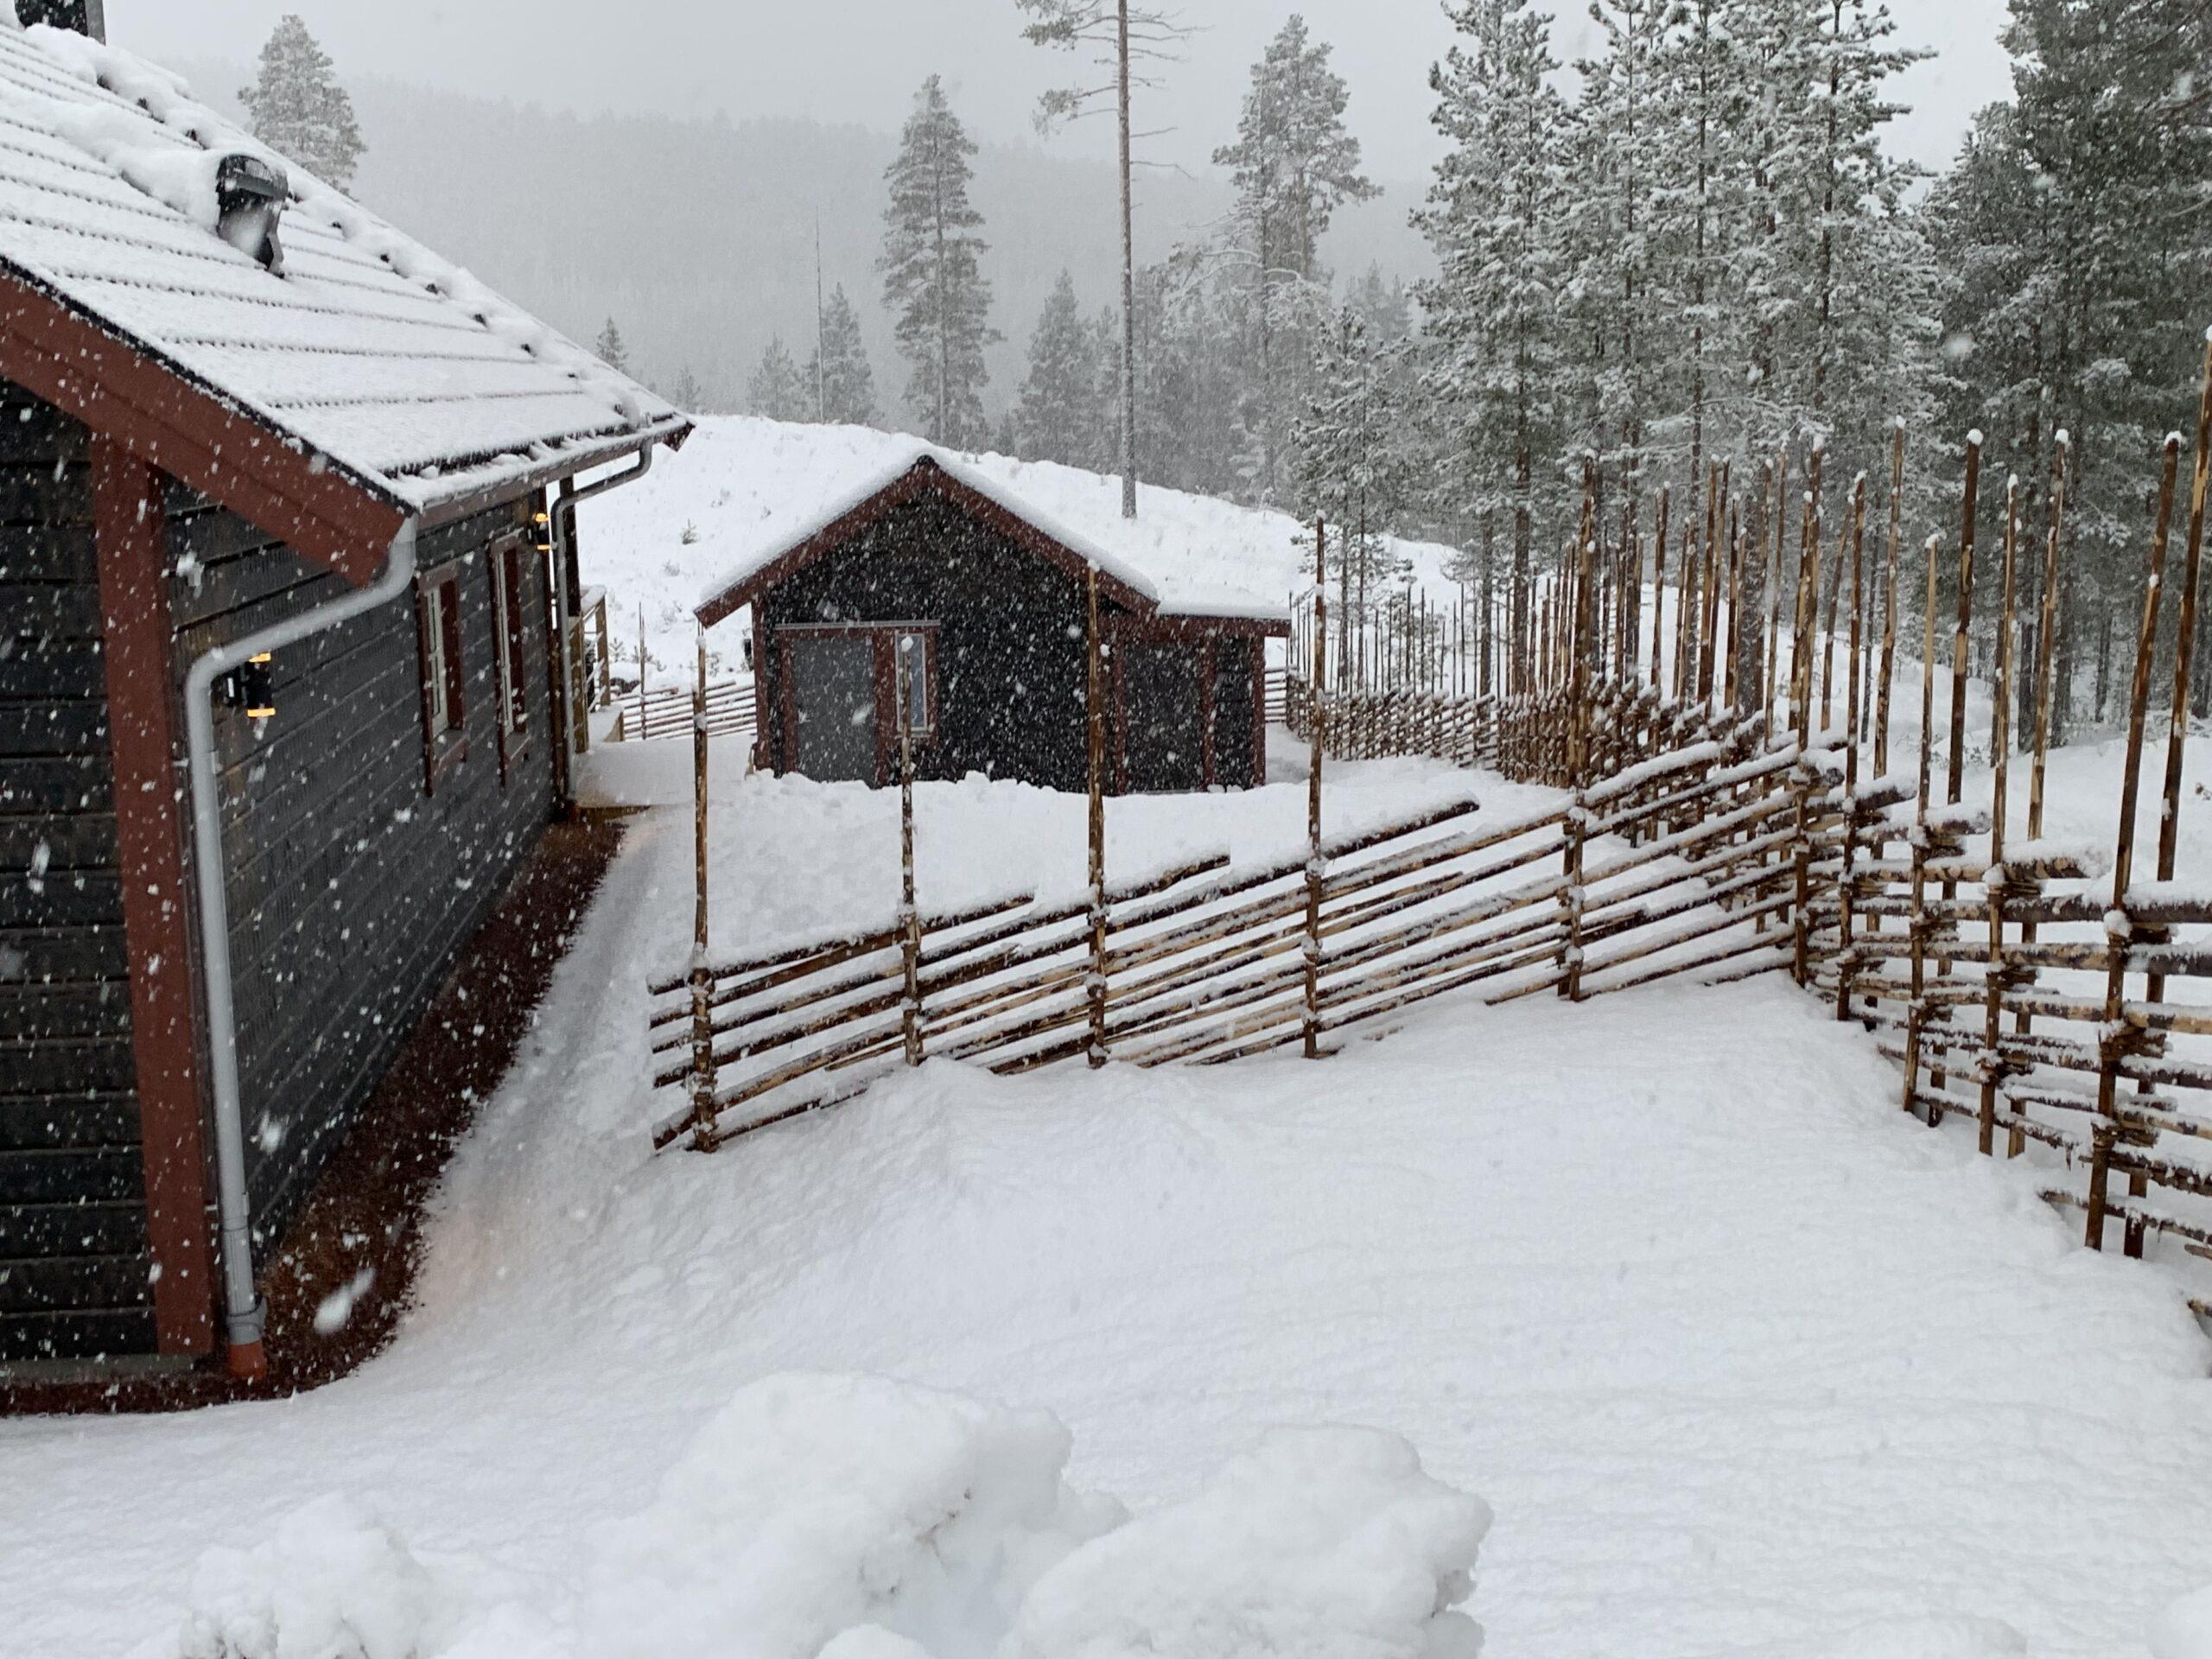 snö vid skotergarage